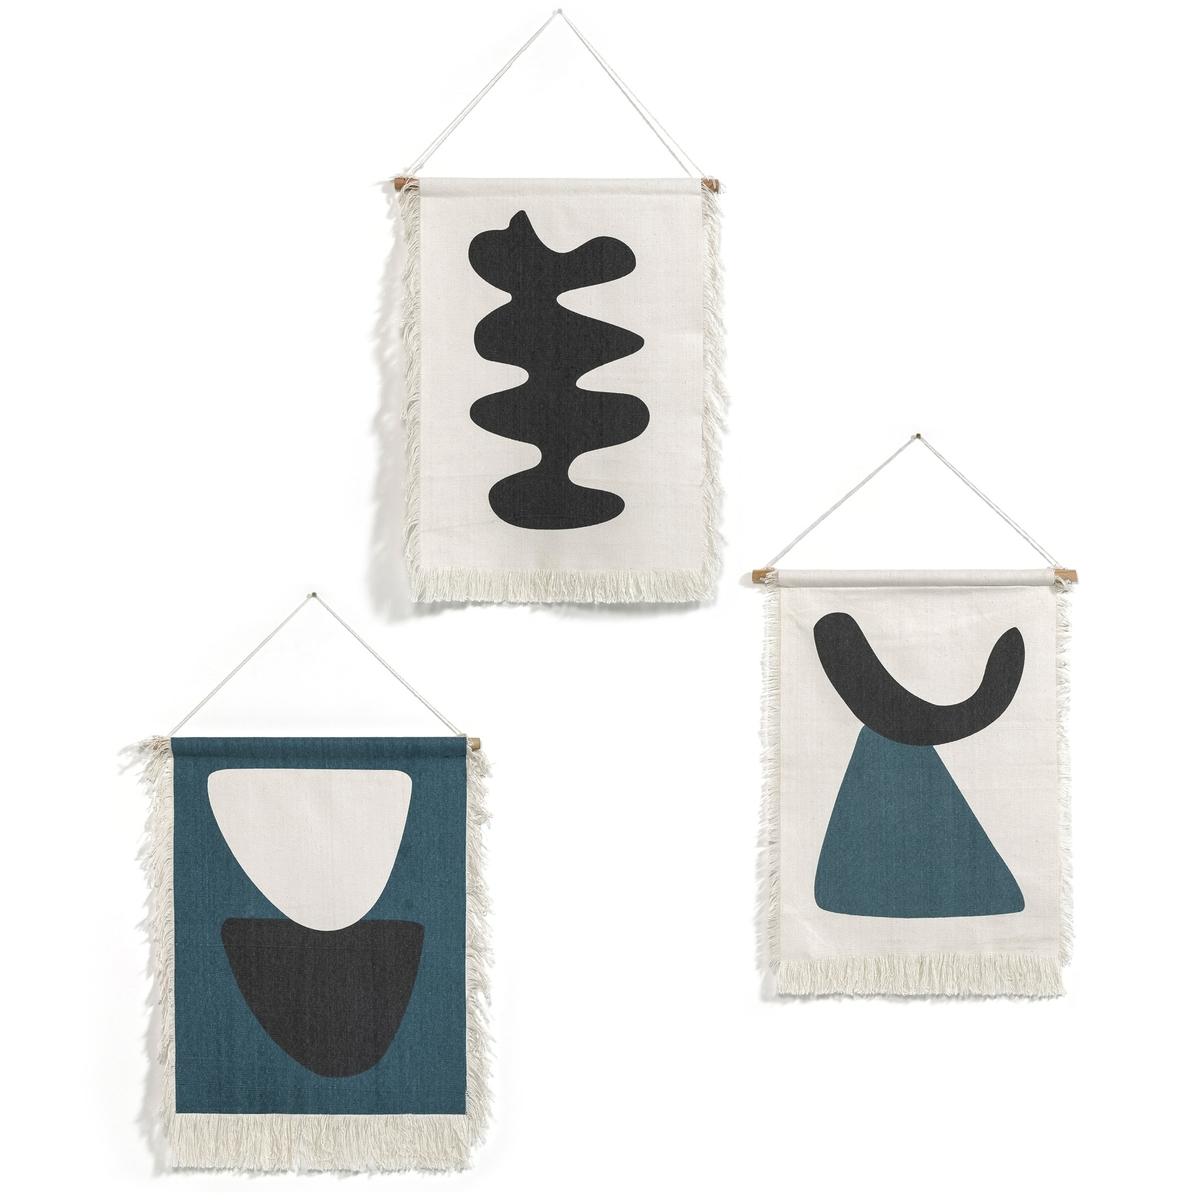 Подвесное настенное панно MariniaraДекоративное настенное панно Mariniara. В стиле настенных ковров, подвесное, из 100% цветного хлопка.3 разных рисунка Вы найдете на сайте. Отделка бахромой. Багет из сосны, отделка шнуром из хлопка. Разм. : шир. 50 x В.70 см.<br><br>Цвет: разноцветный